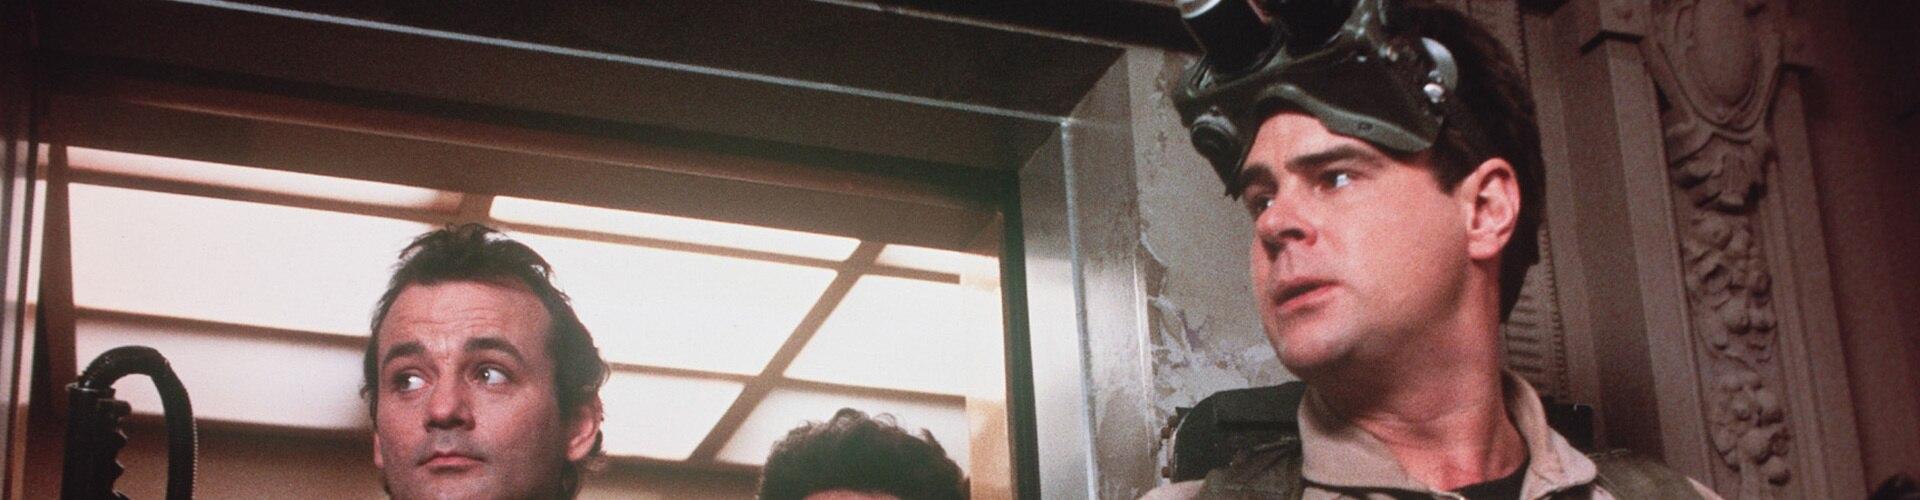 Watch Ghostbusters (1984) Online